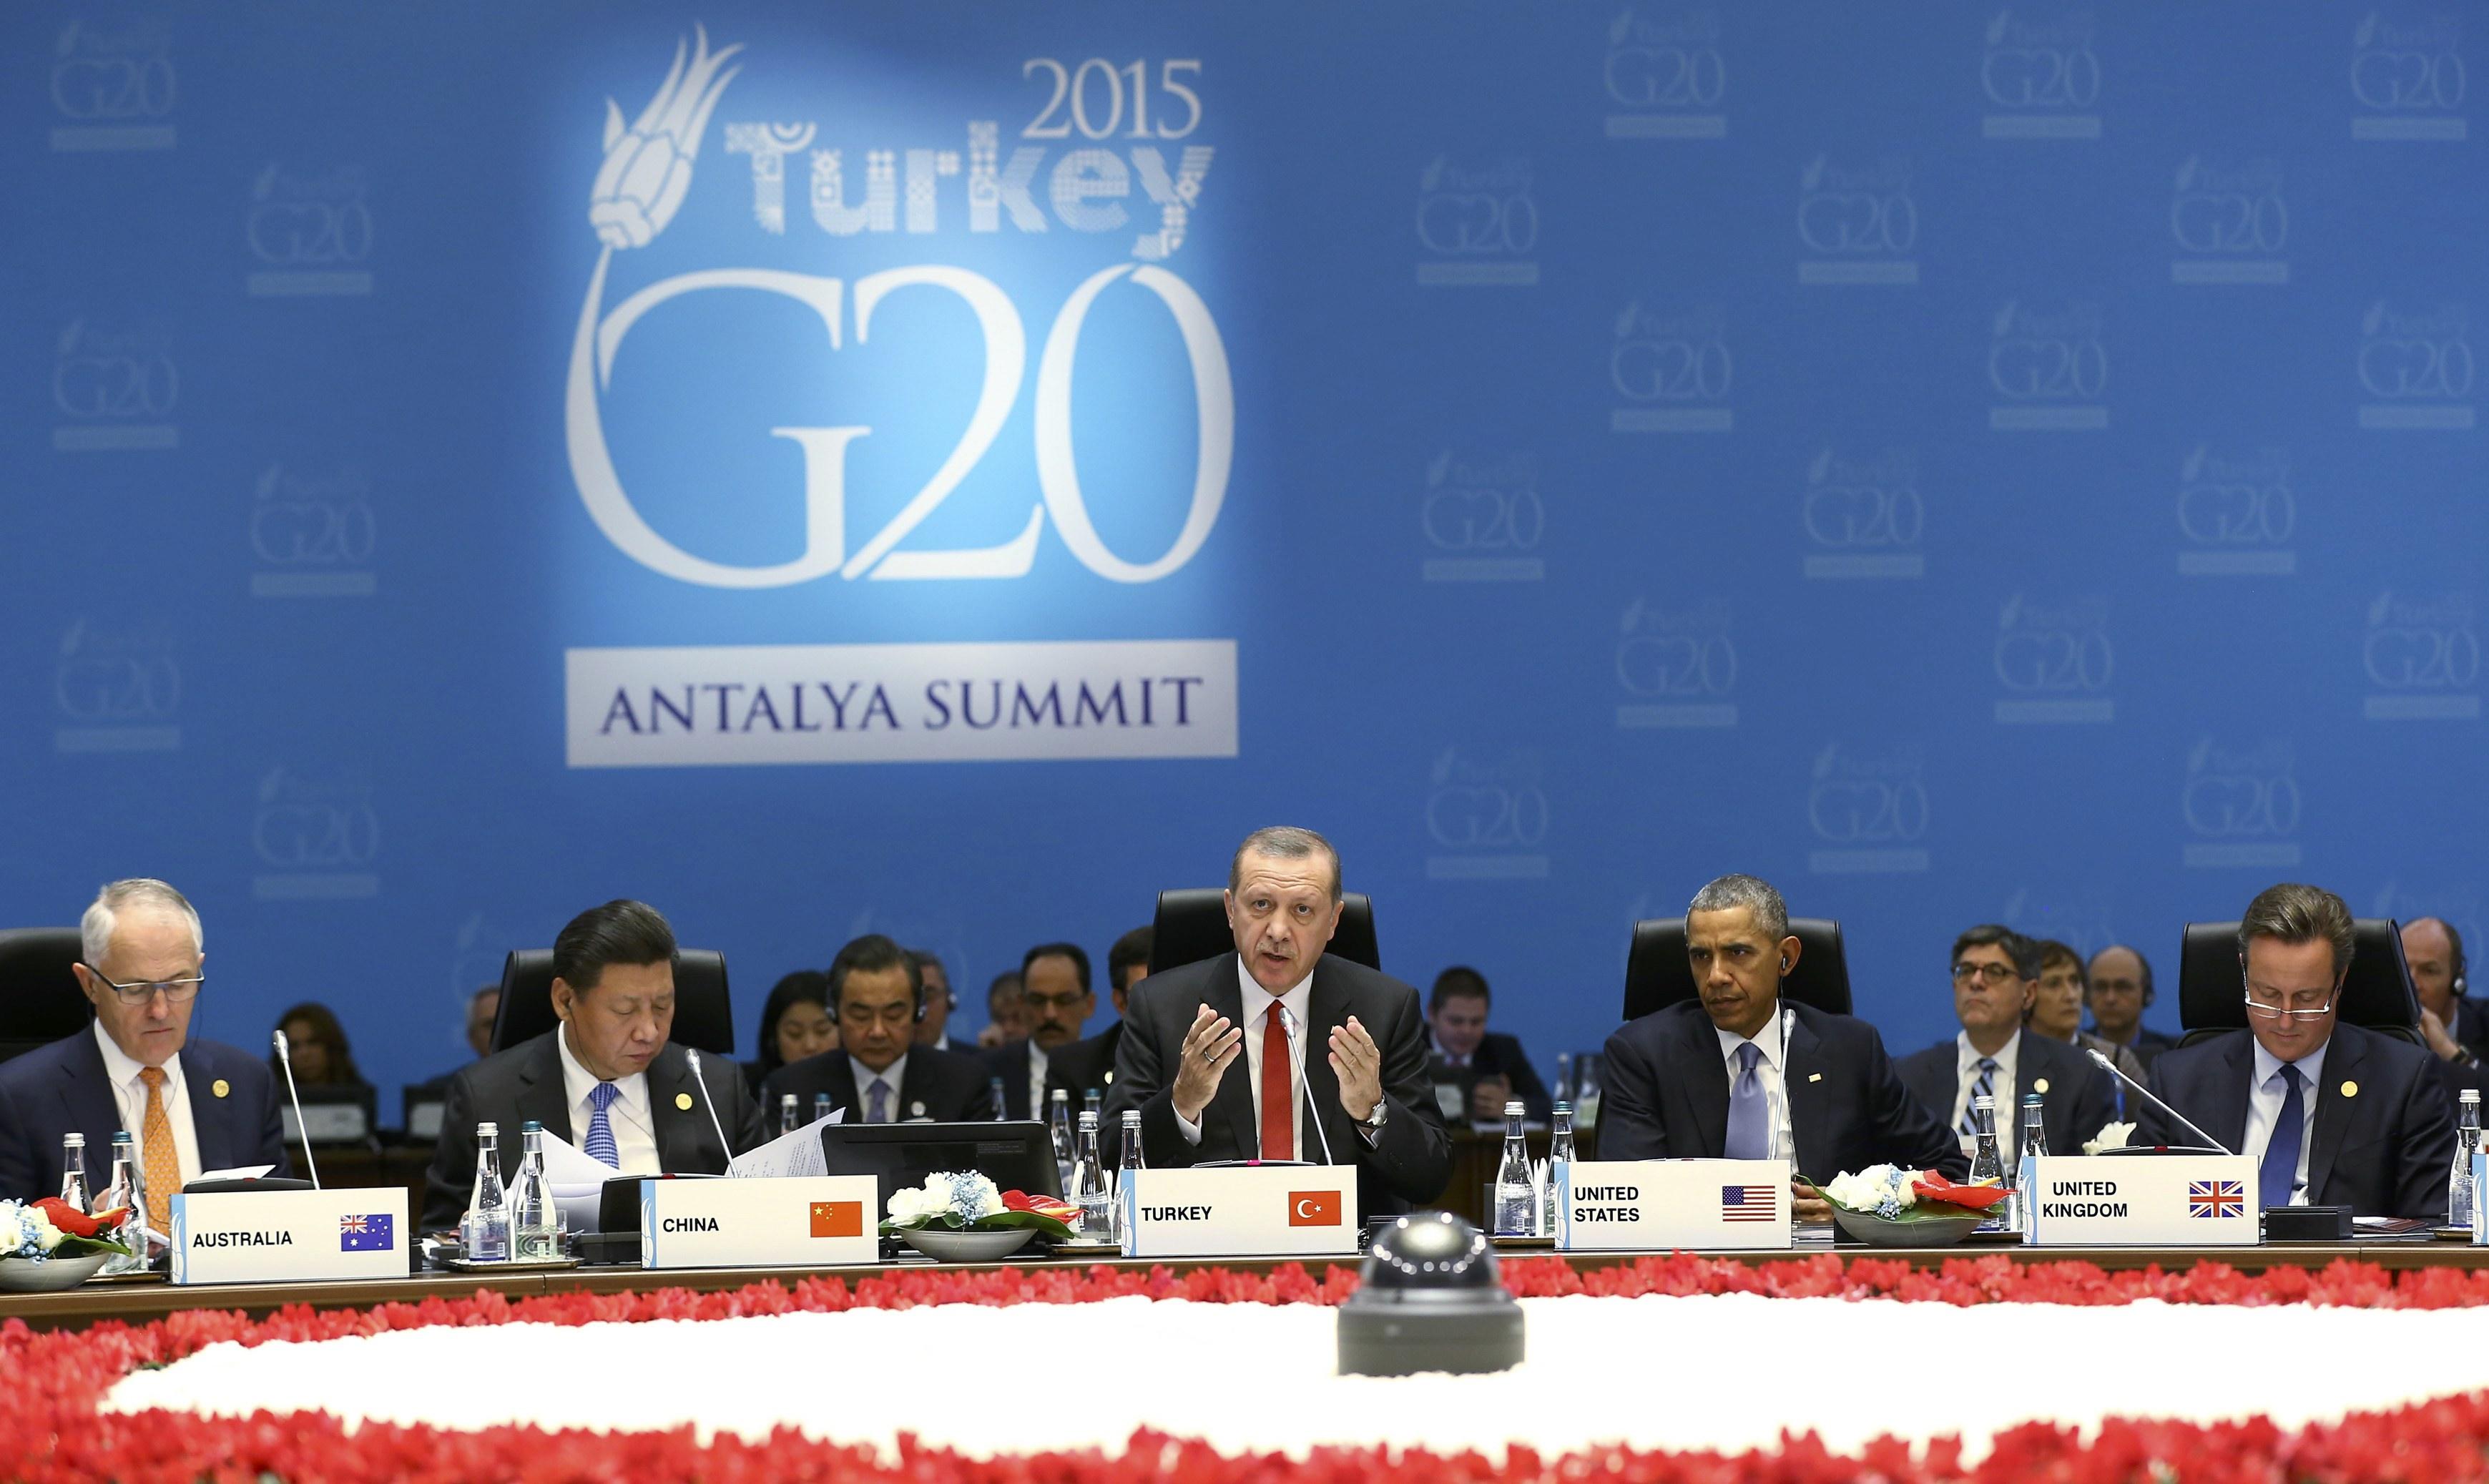 УТуреччині розпочався саміт G20